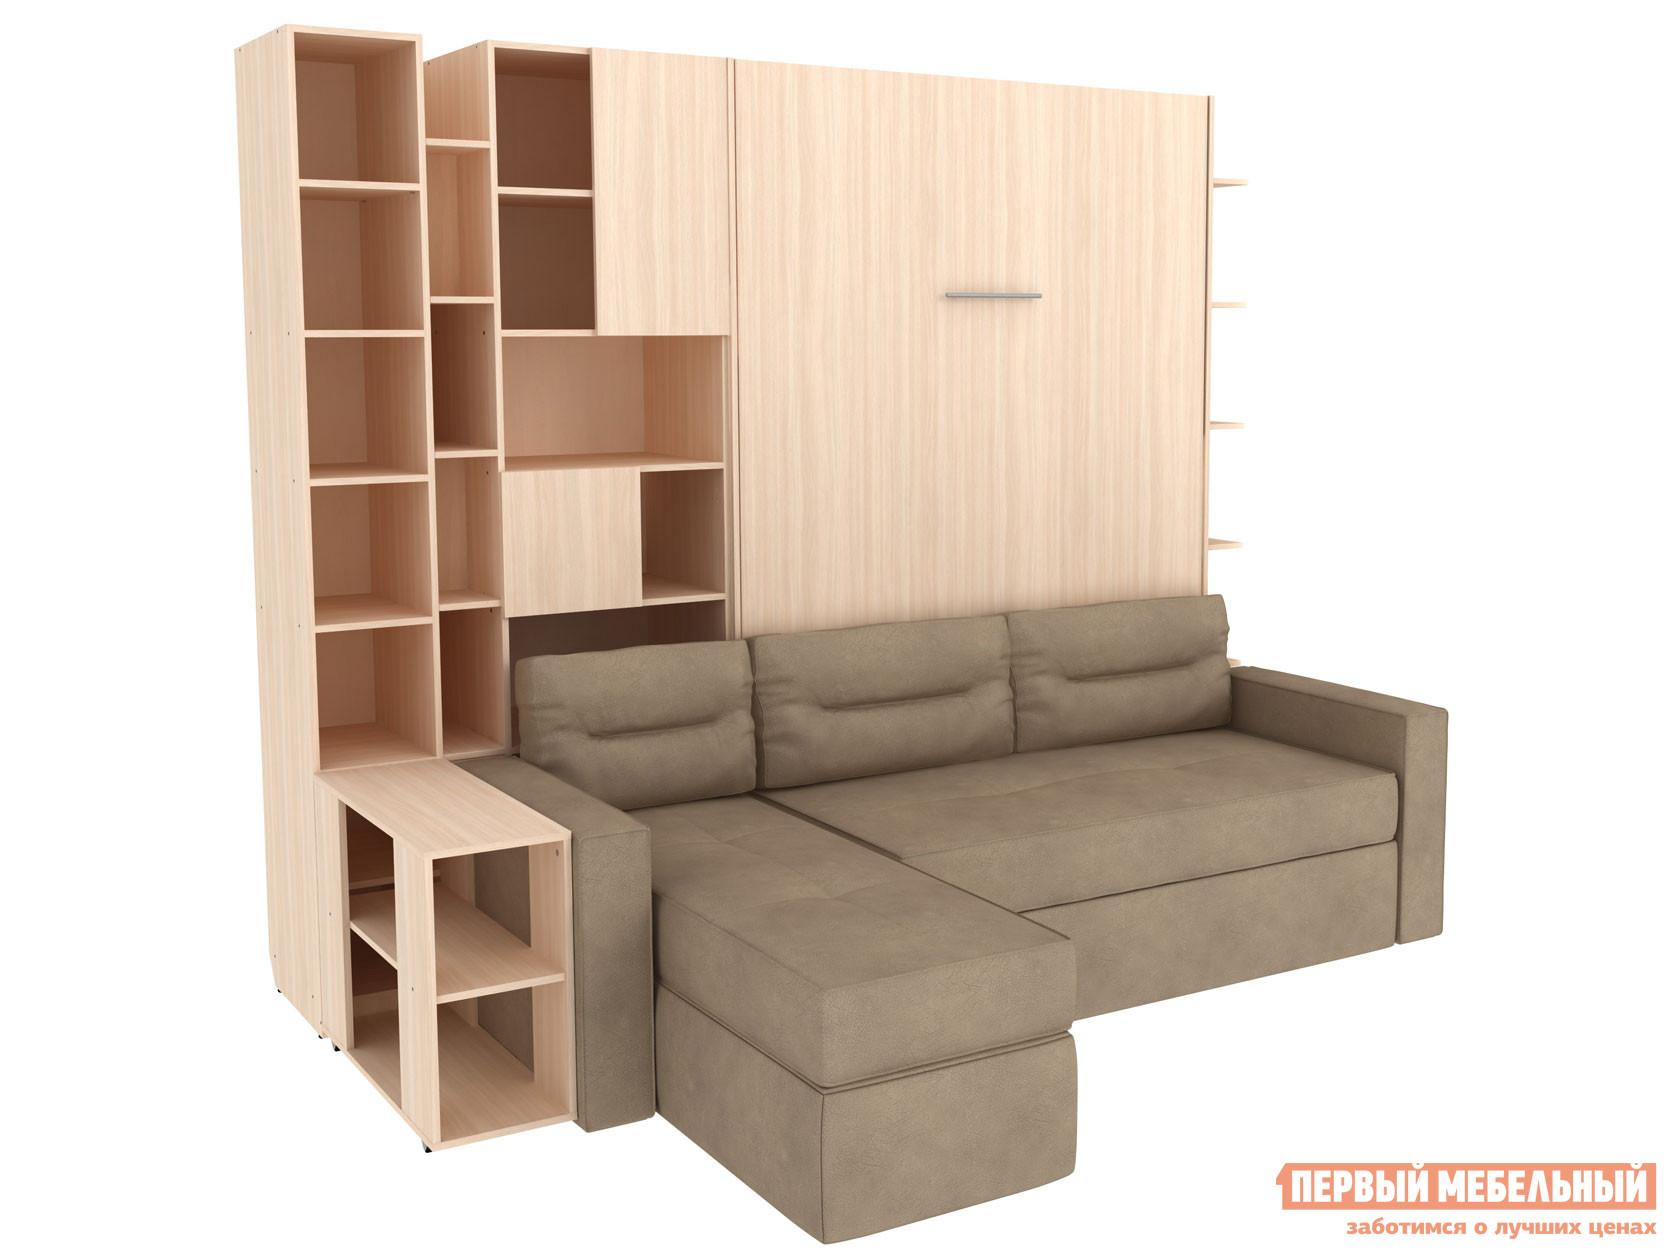 Диван-кровать Первый Мебельный Диван-кровать 3